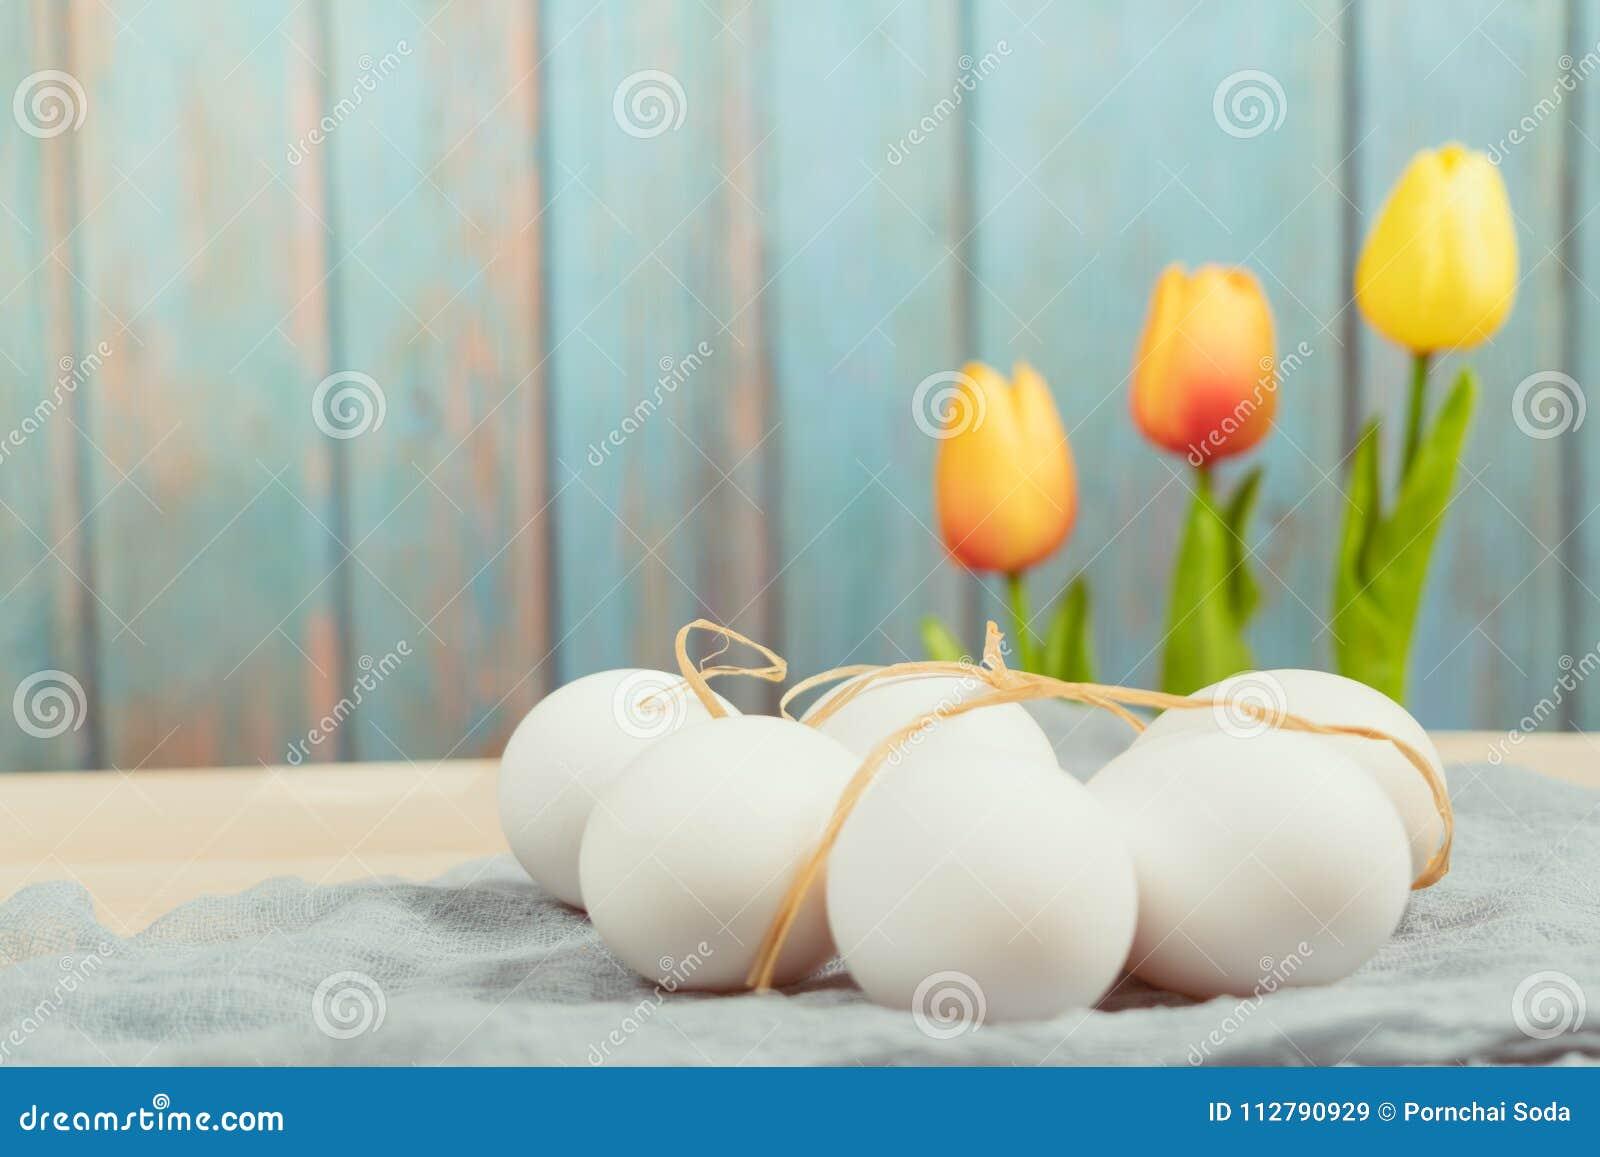 Easter feliz, ovos da páscoa orgânicos espera a pintura, decorações do feriado de easter, fundos do conceito de easter com espaço